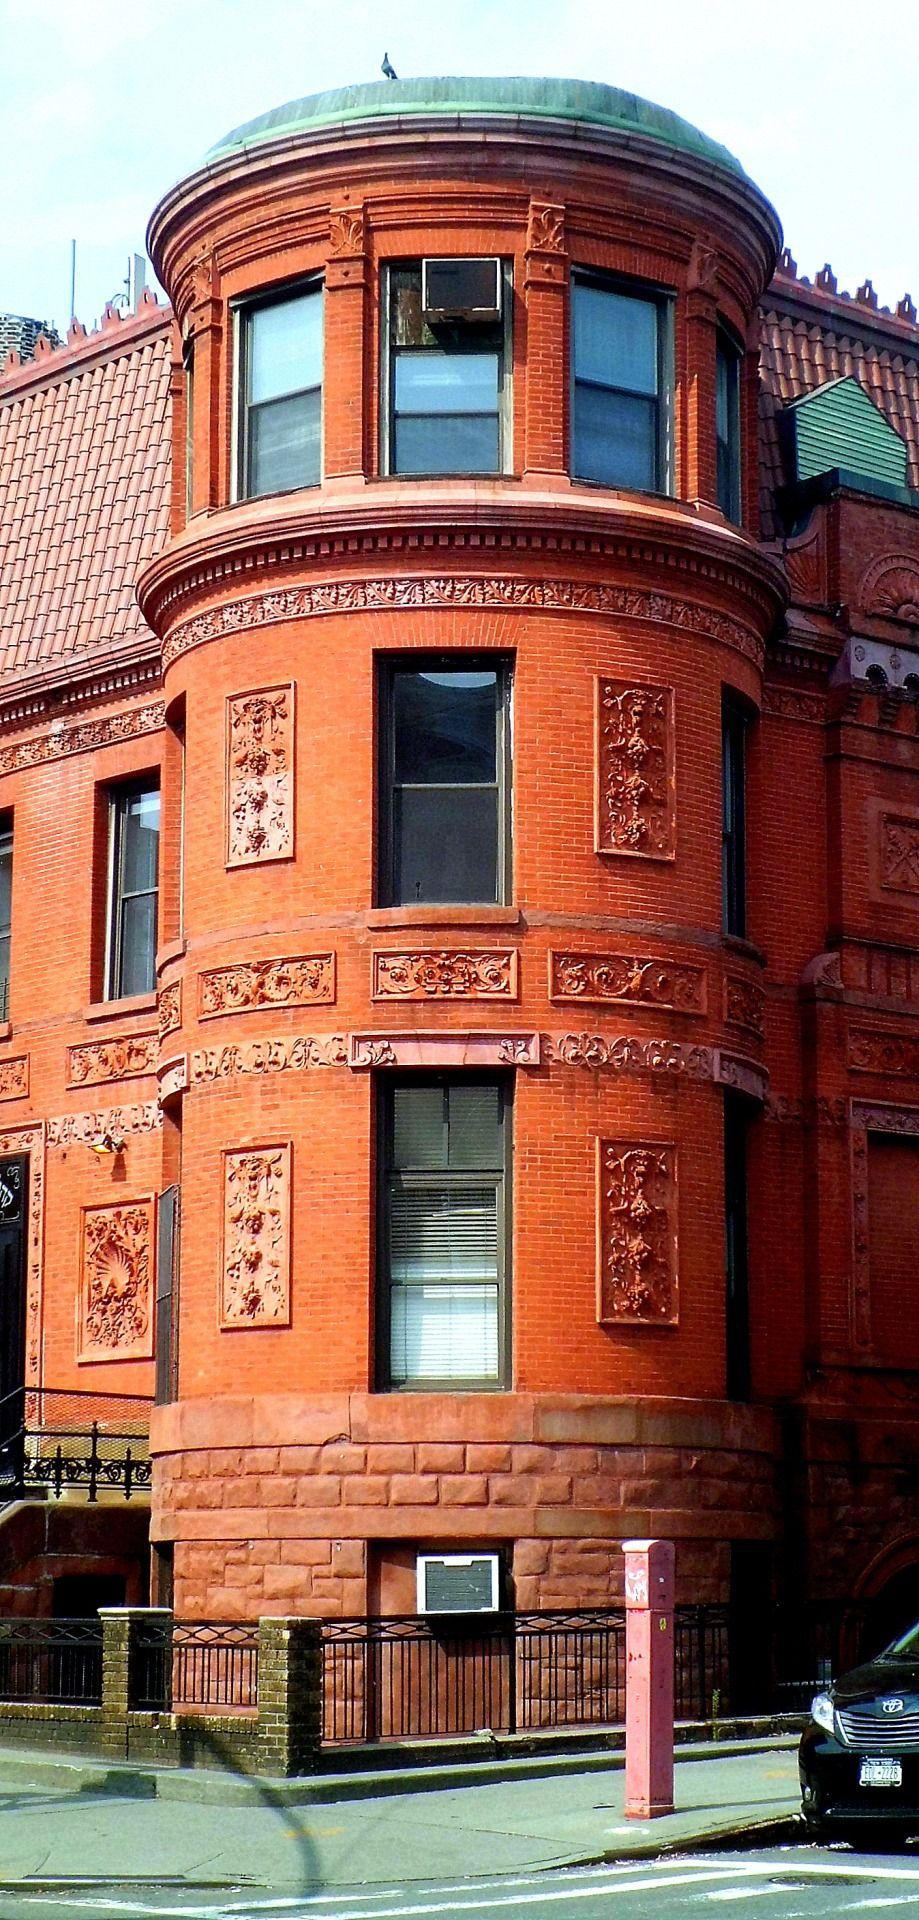 Windows Brickwork And Sculpture In Williamsburg